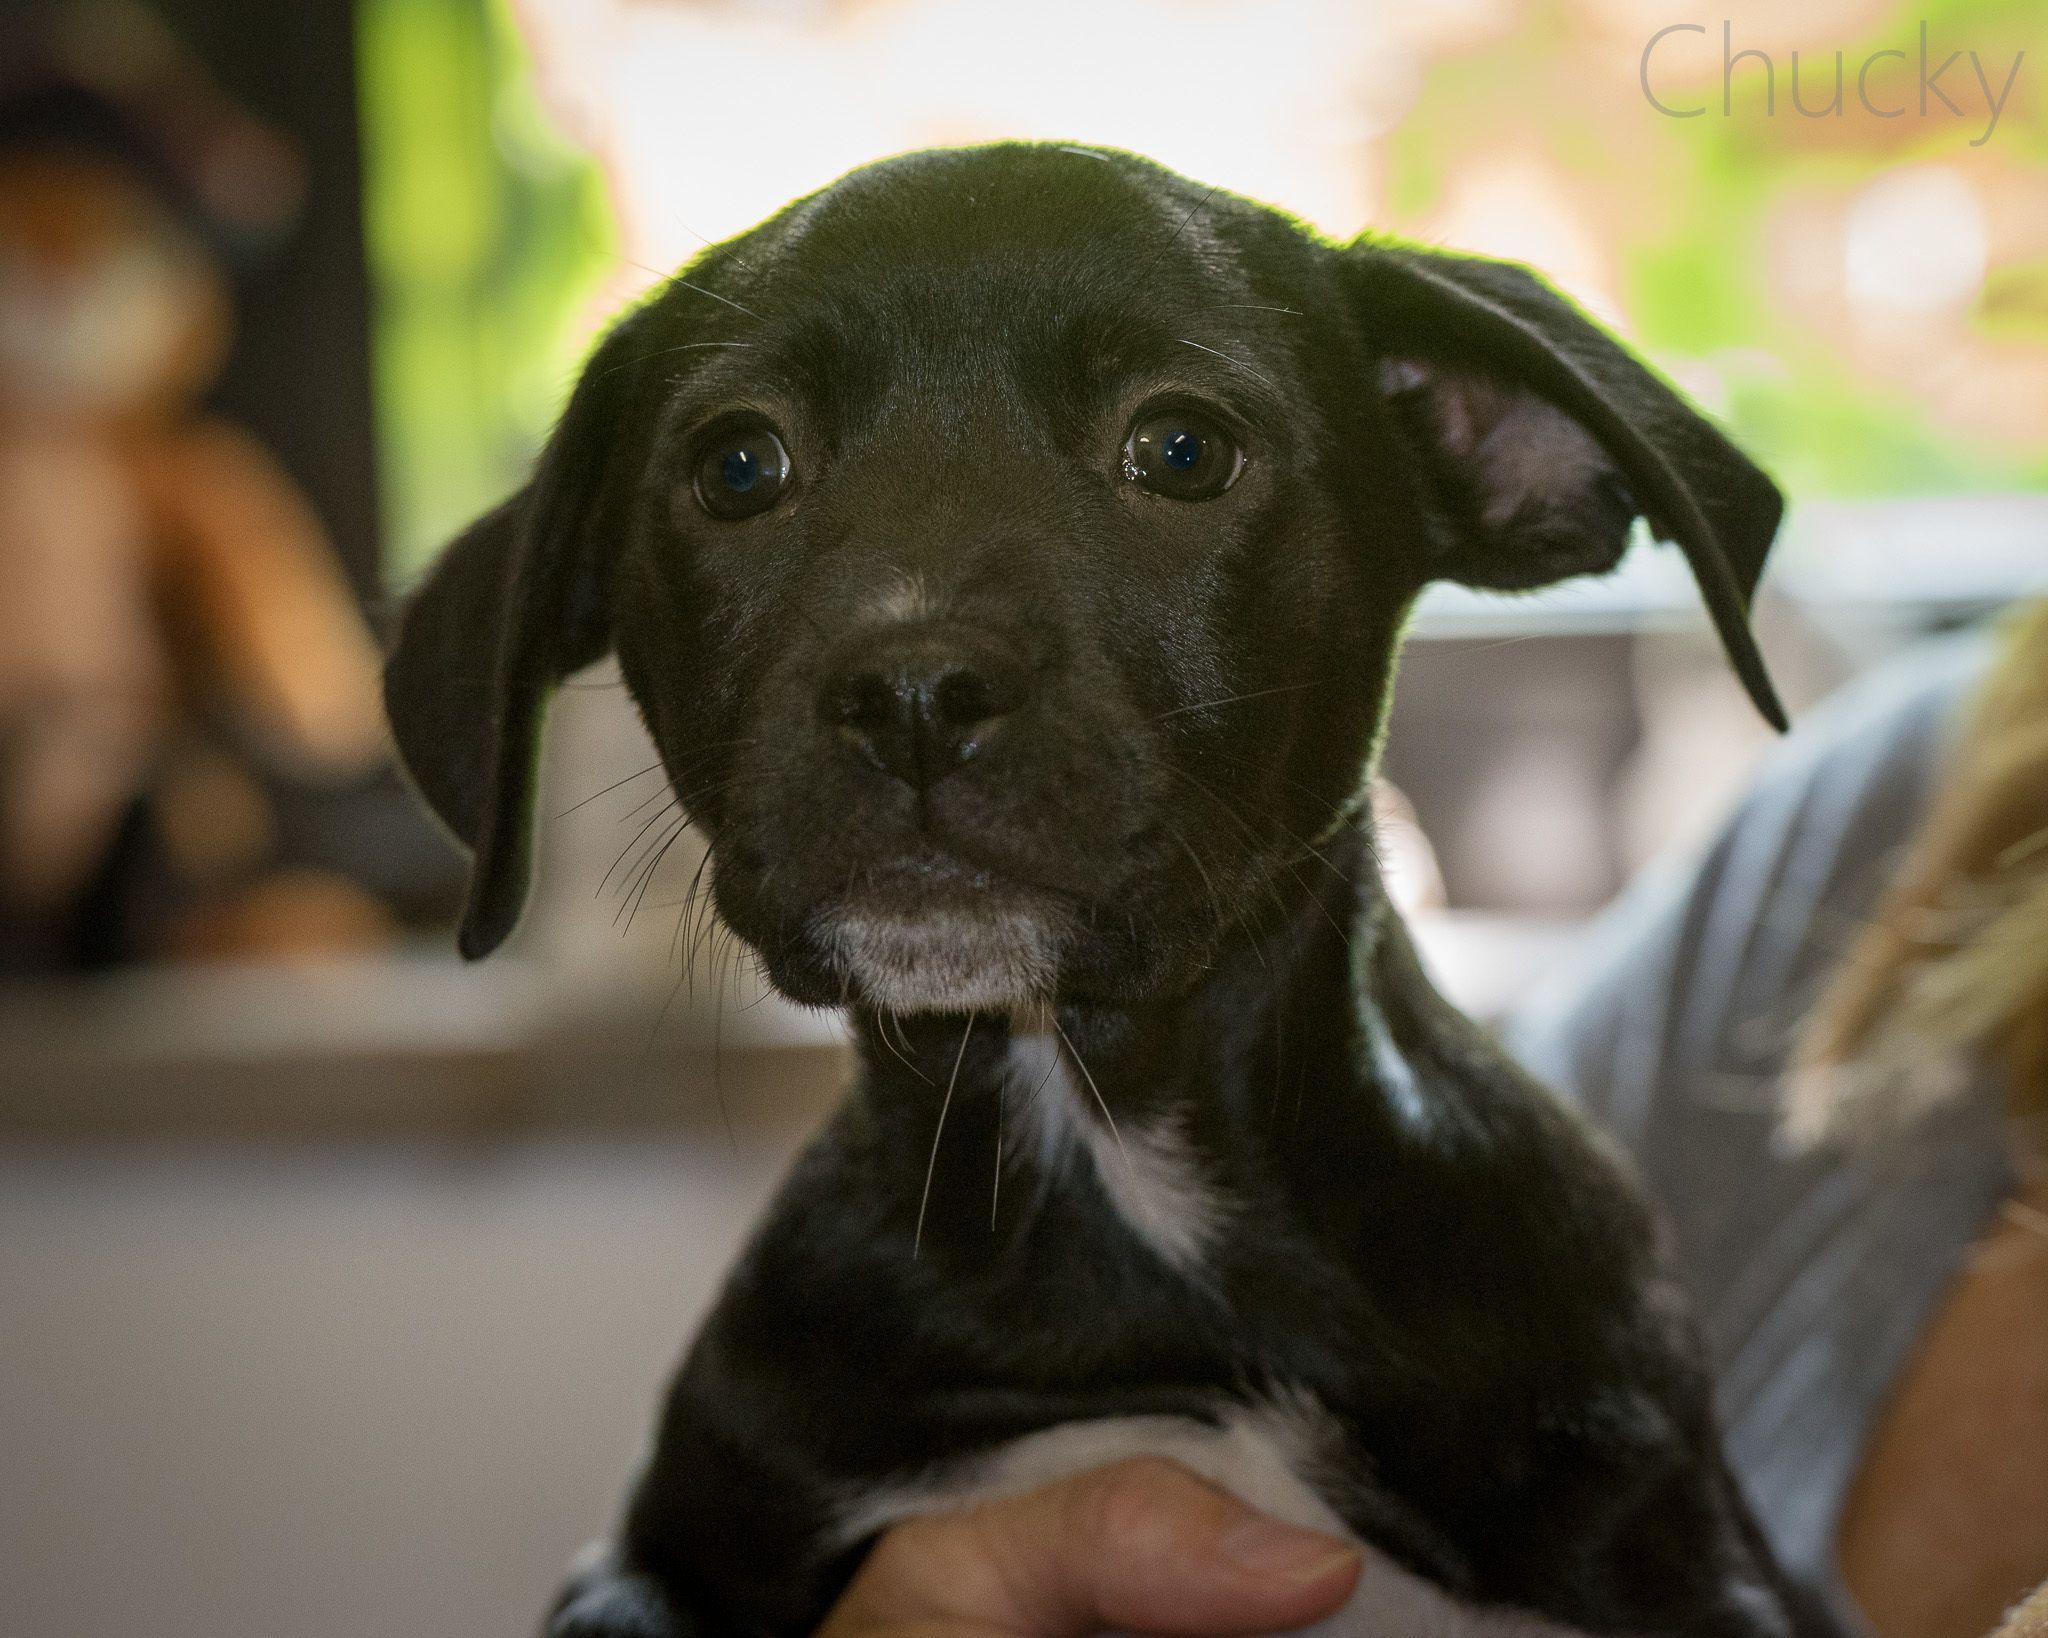 chucky is an adoptable labrador retriever searching for a